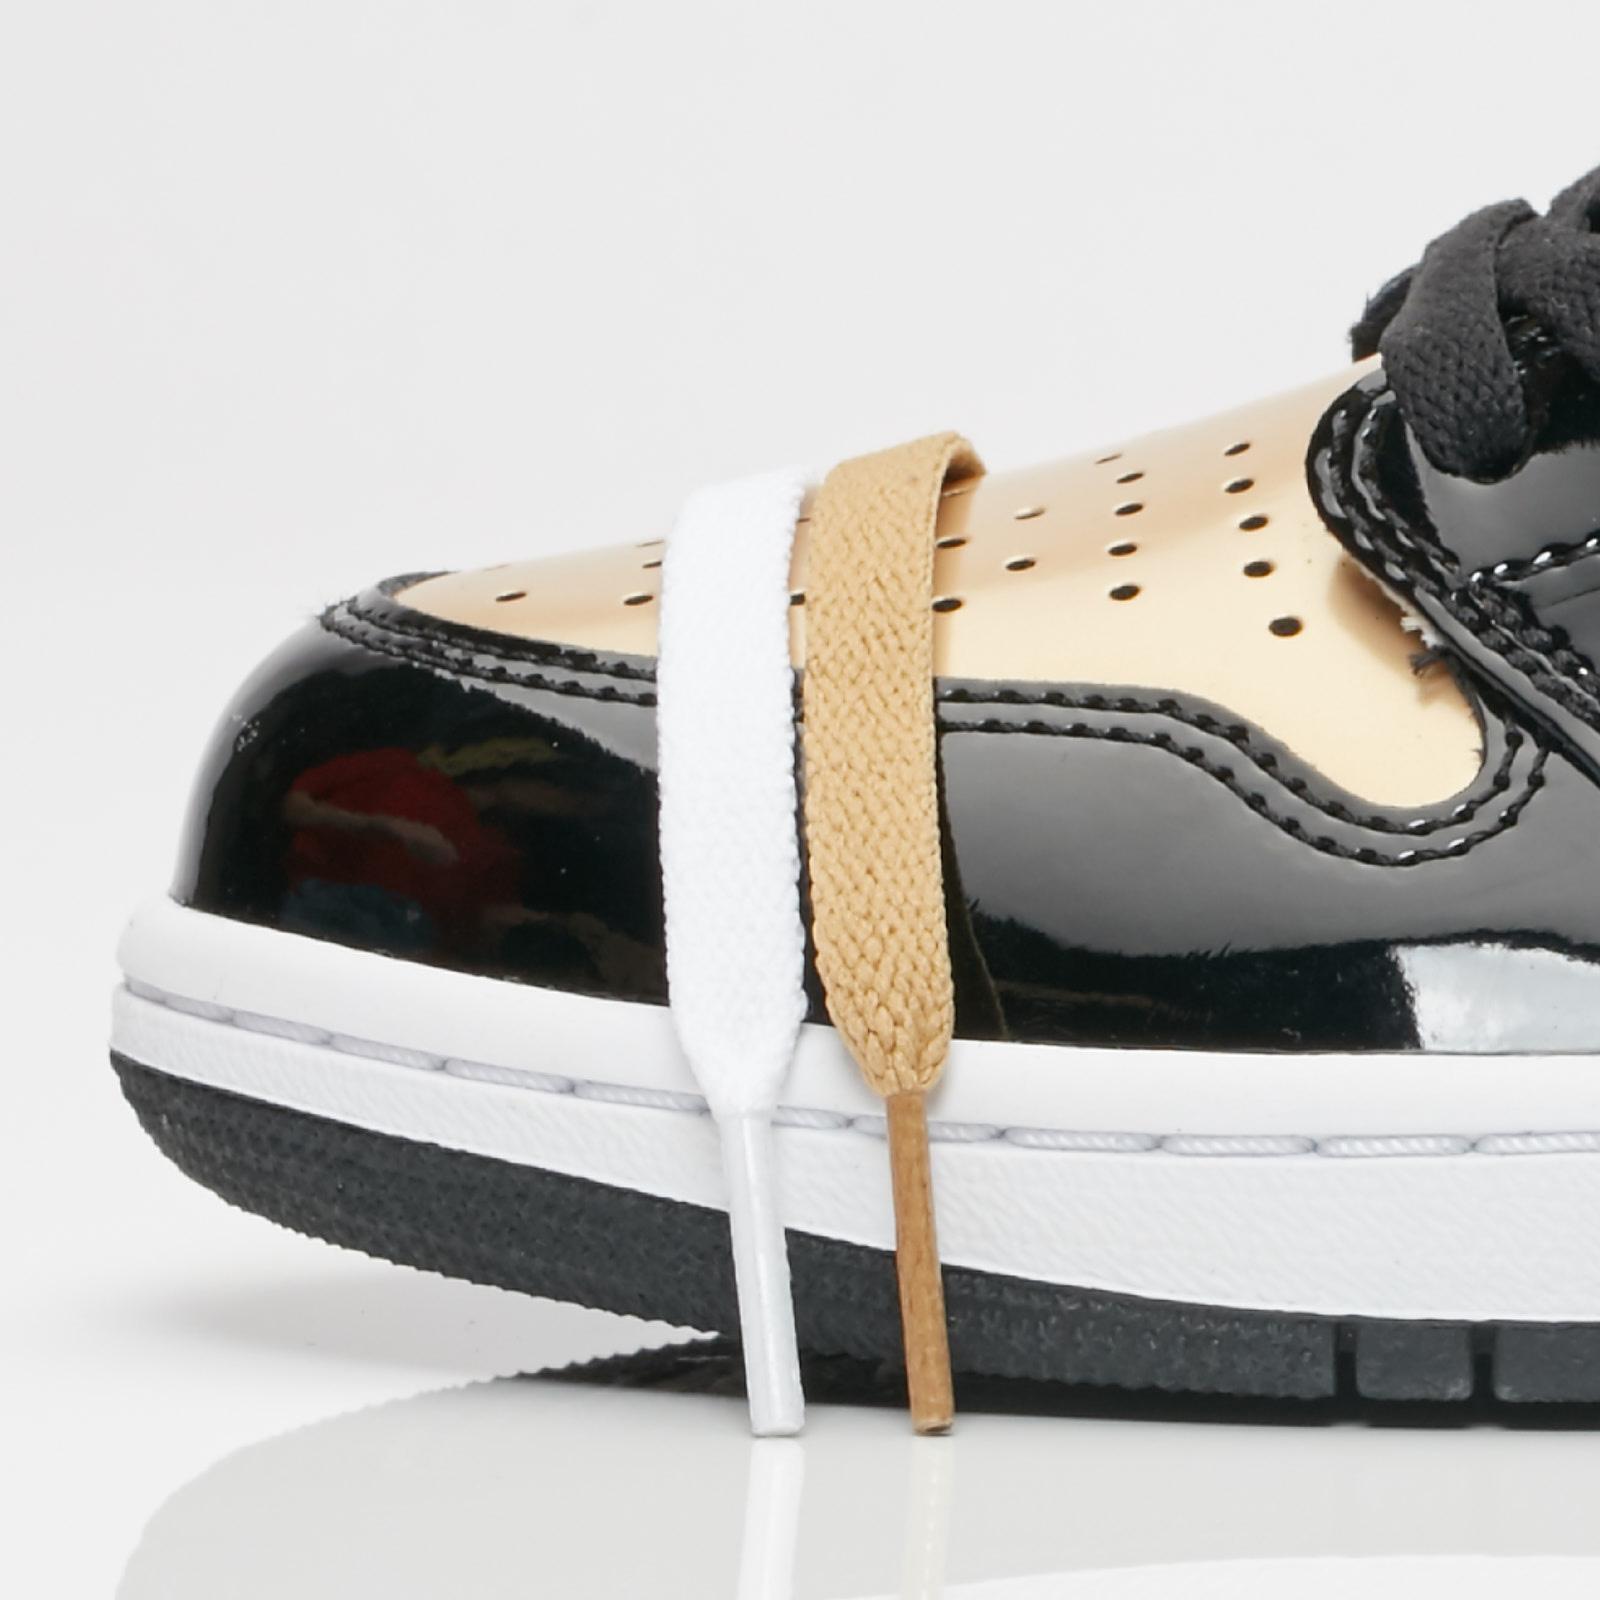 fdab15a631f Jordan Brand Air Jordan 1 Retro High OG NRG - 861428-007 ...